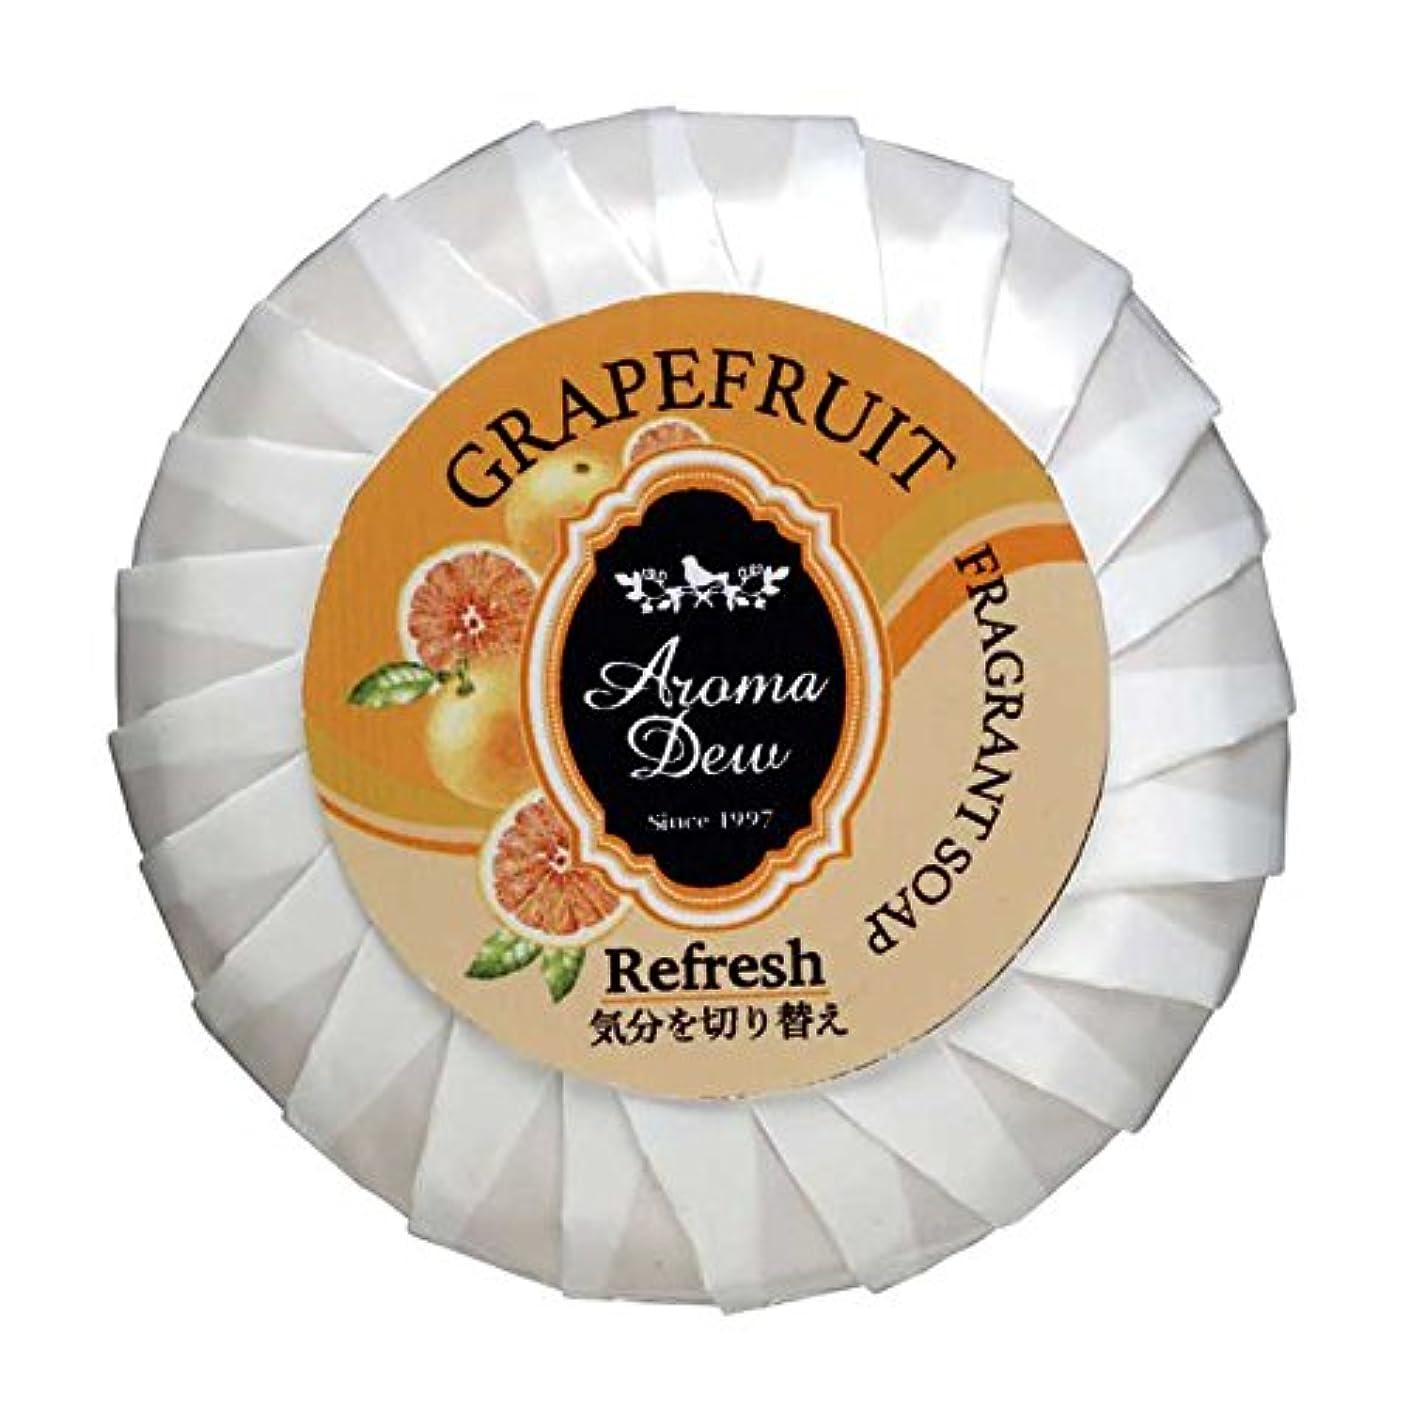 挨拶する聖なる勝利アロマデュウ フレグラントソープ グレープフルーツの香り 100g